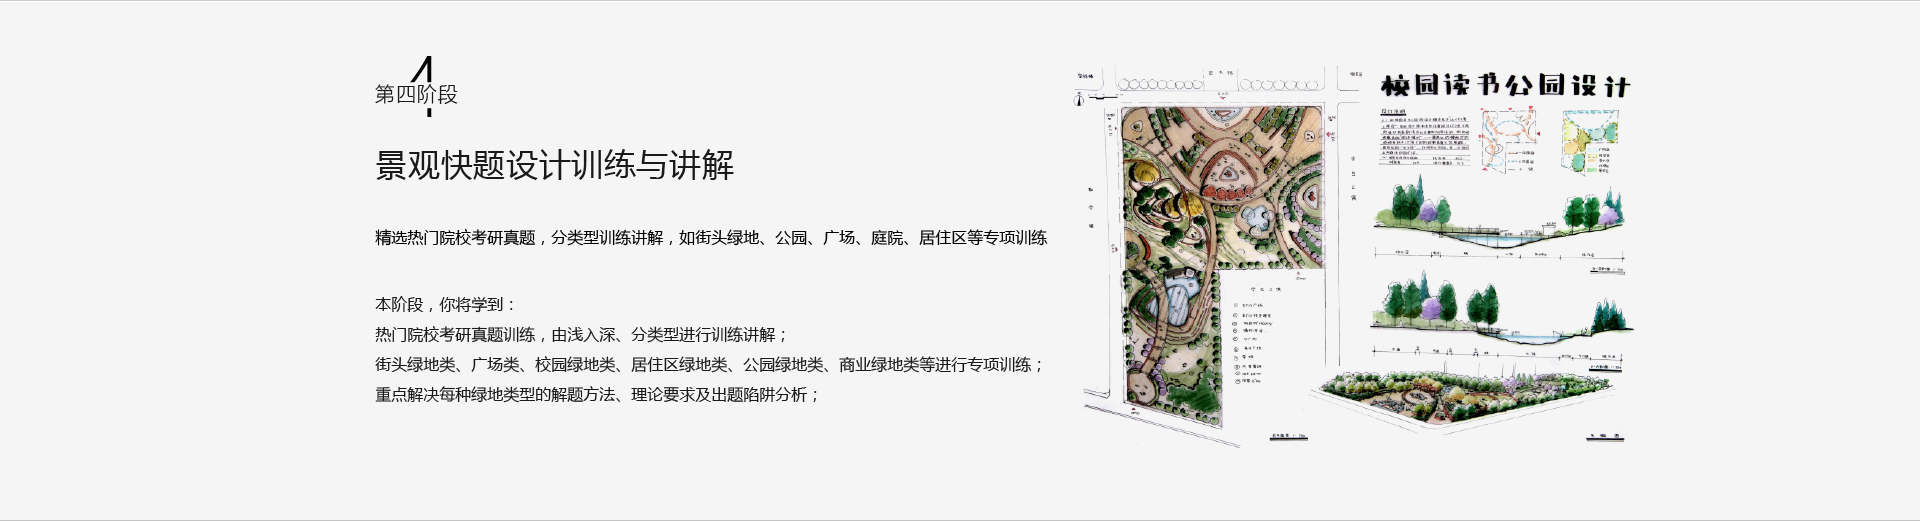 景观快题_08.jpg